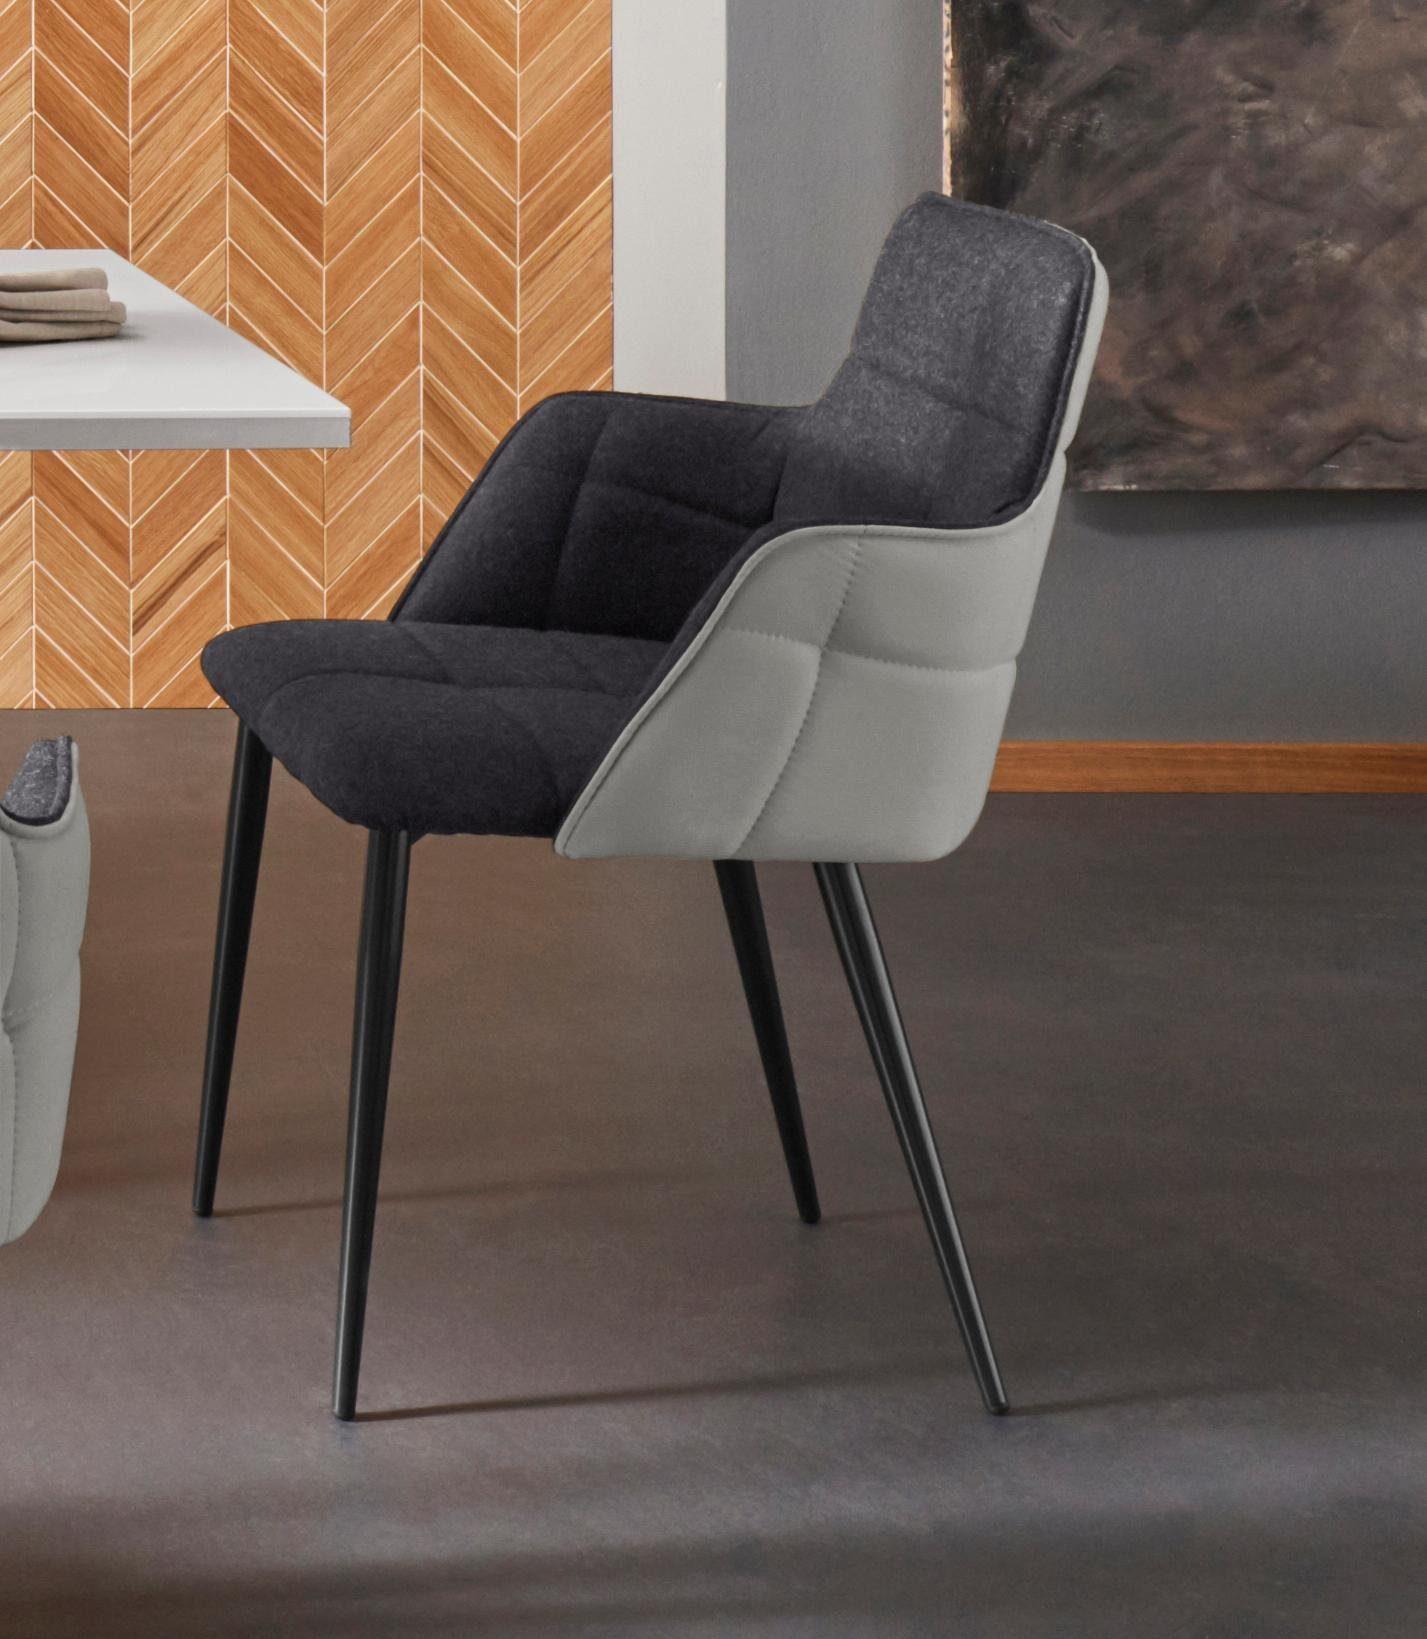 Places of Style Esszimmerstuhl »Iris« 2er Set, mit schönem Webstoff Bezug, schwarzem Metallgestell, Sitzhöhe 45 cm online kaufen | OTTO